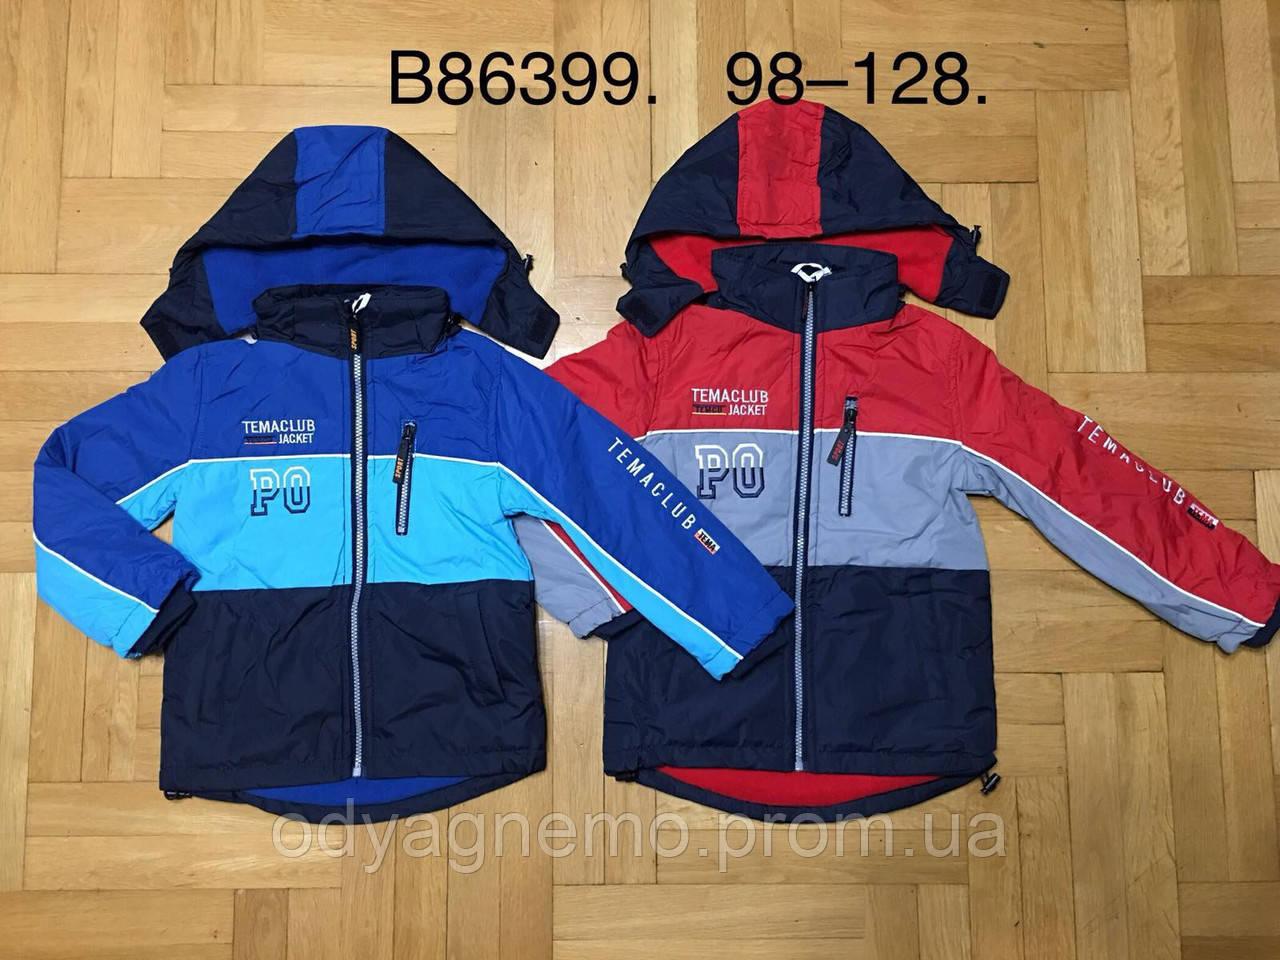 Куртка на флисе для мальчиков Grace оптом, 98-128 рр. Артикул: B86399